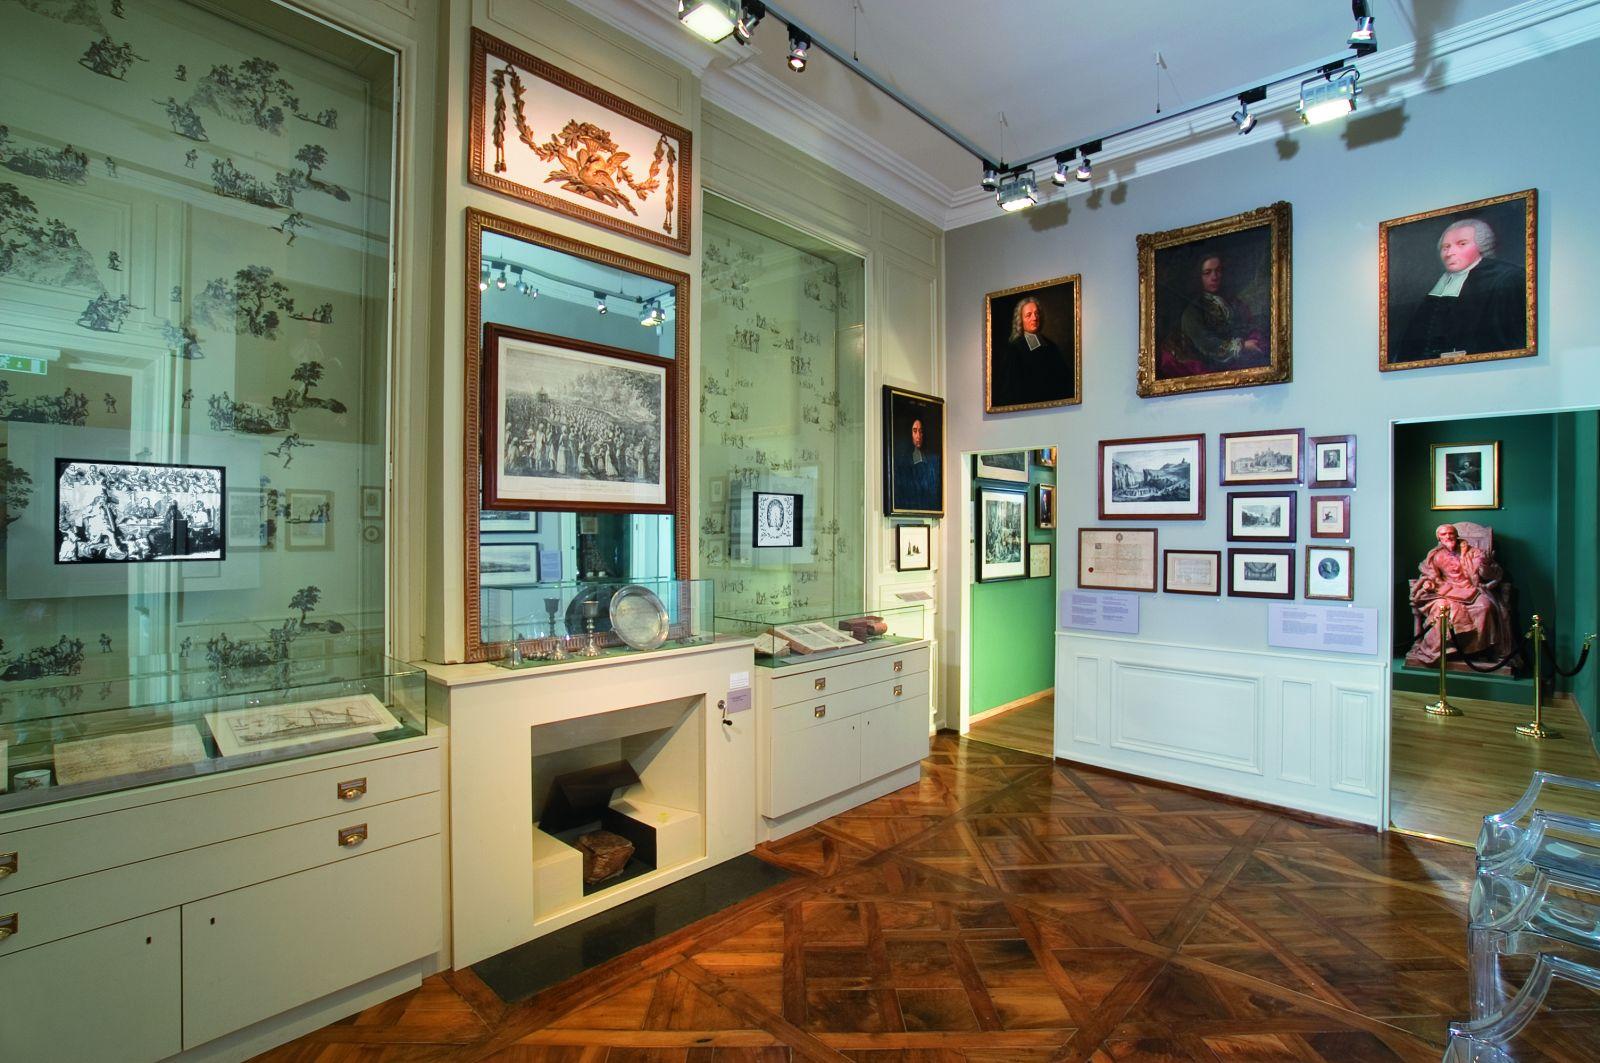 Image result for musée de la réforme genève images